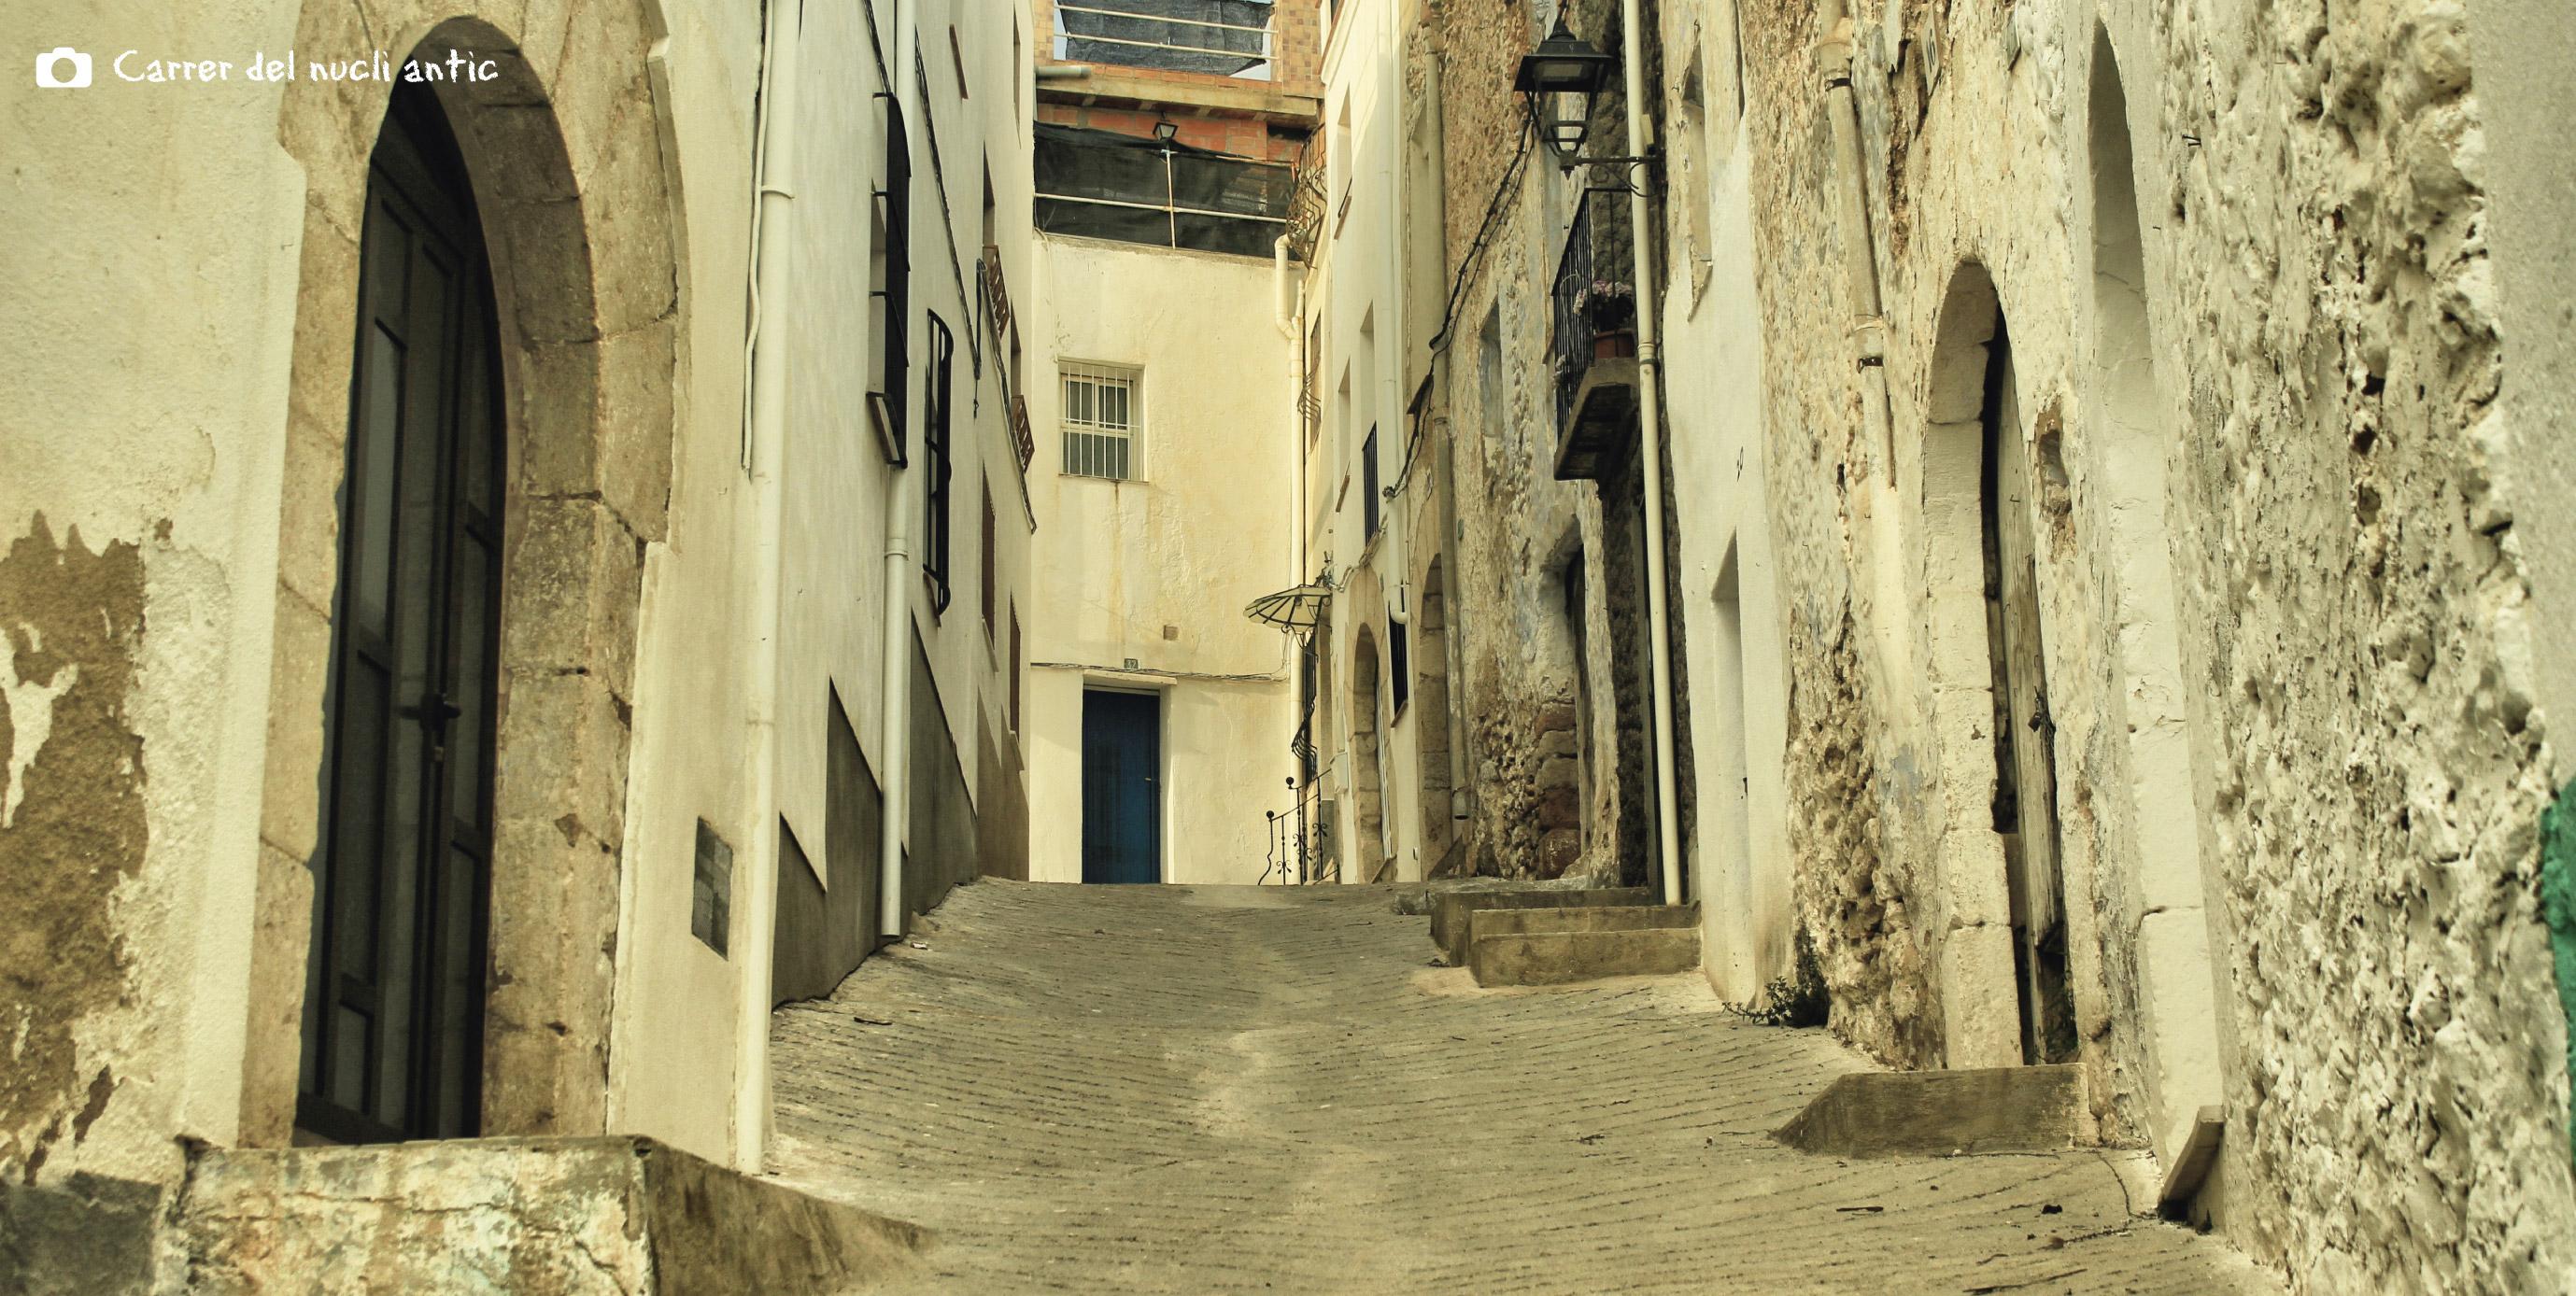 nucli antic alcanar turisem terres ebre-15